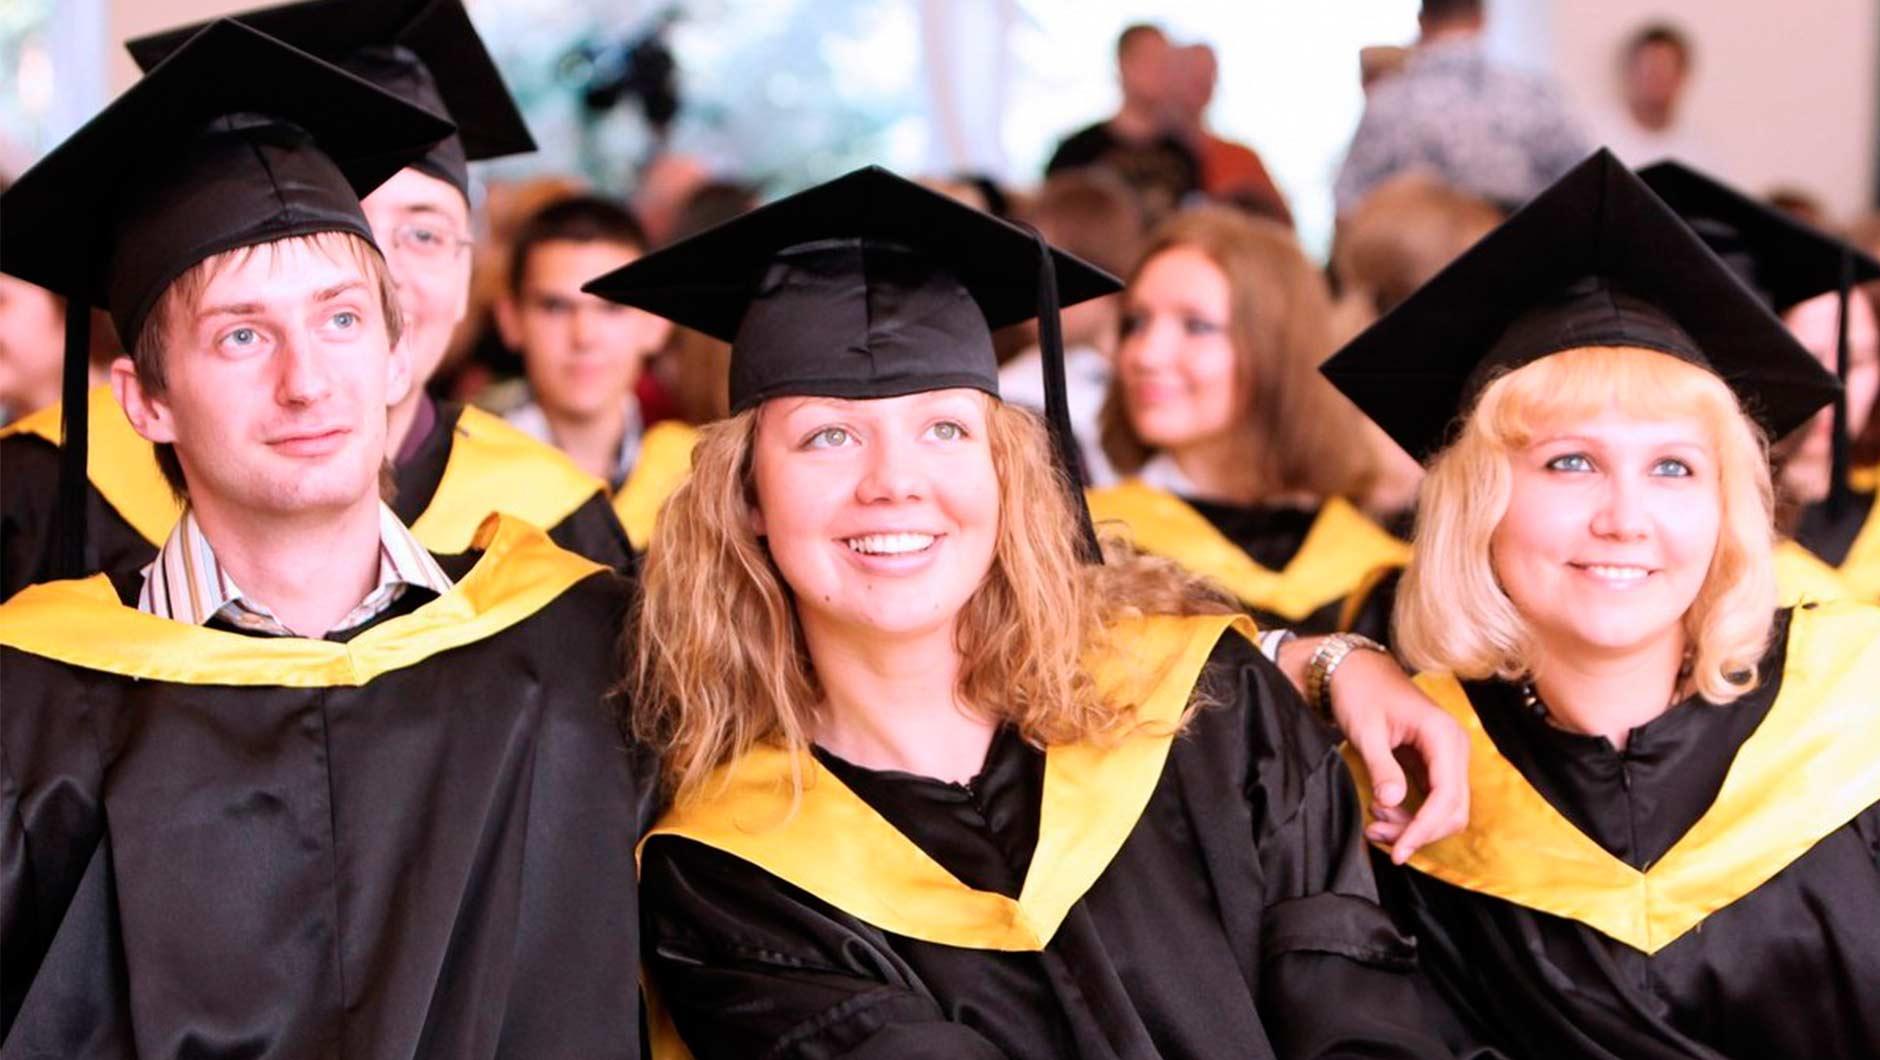 Магистратура образование в европе обучение по бисеру бесплатно